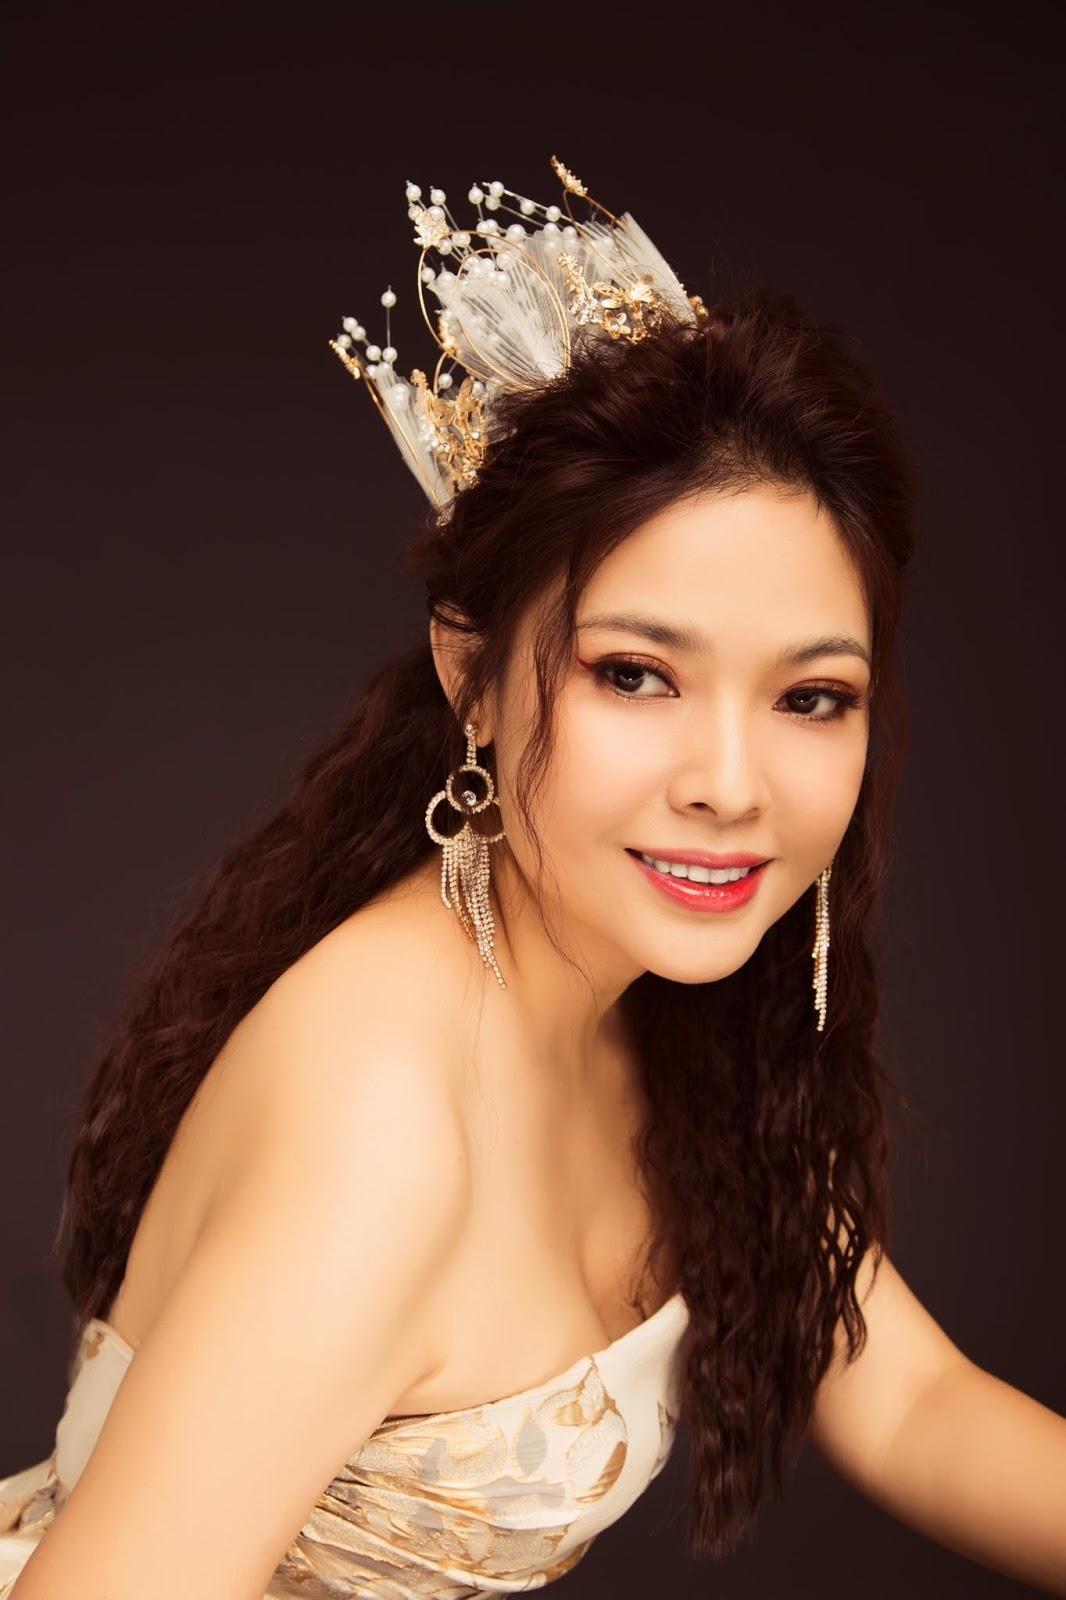 Diễn viên Kim Thanh Thảo khoe thần thái rạng ngời trong bộ ảnh mới - Hình 3